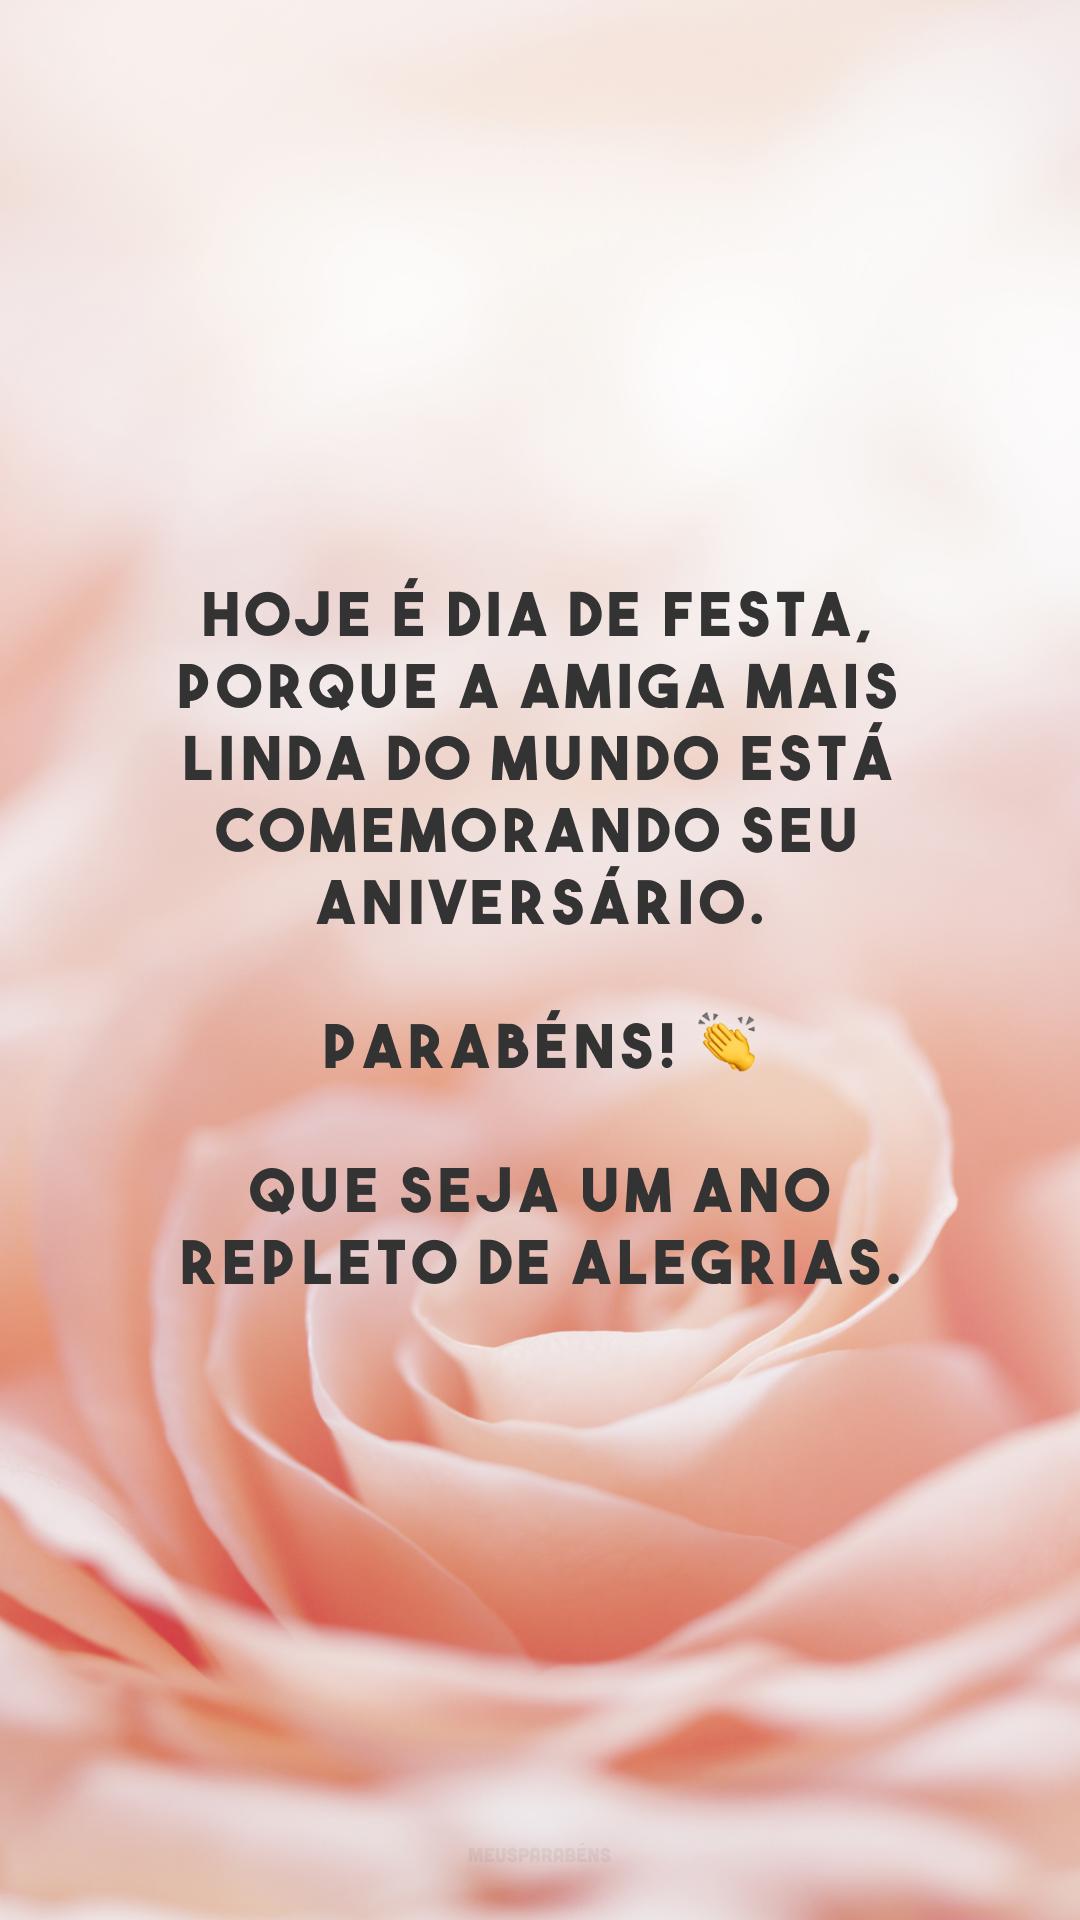 Hoje é dia de festa, porque a amiga mais linda do mundo está comemorando seu aniversário. Parabéns! 👏 Que seja um ano repleto de alegrias.